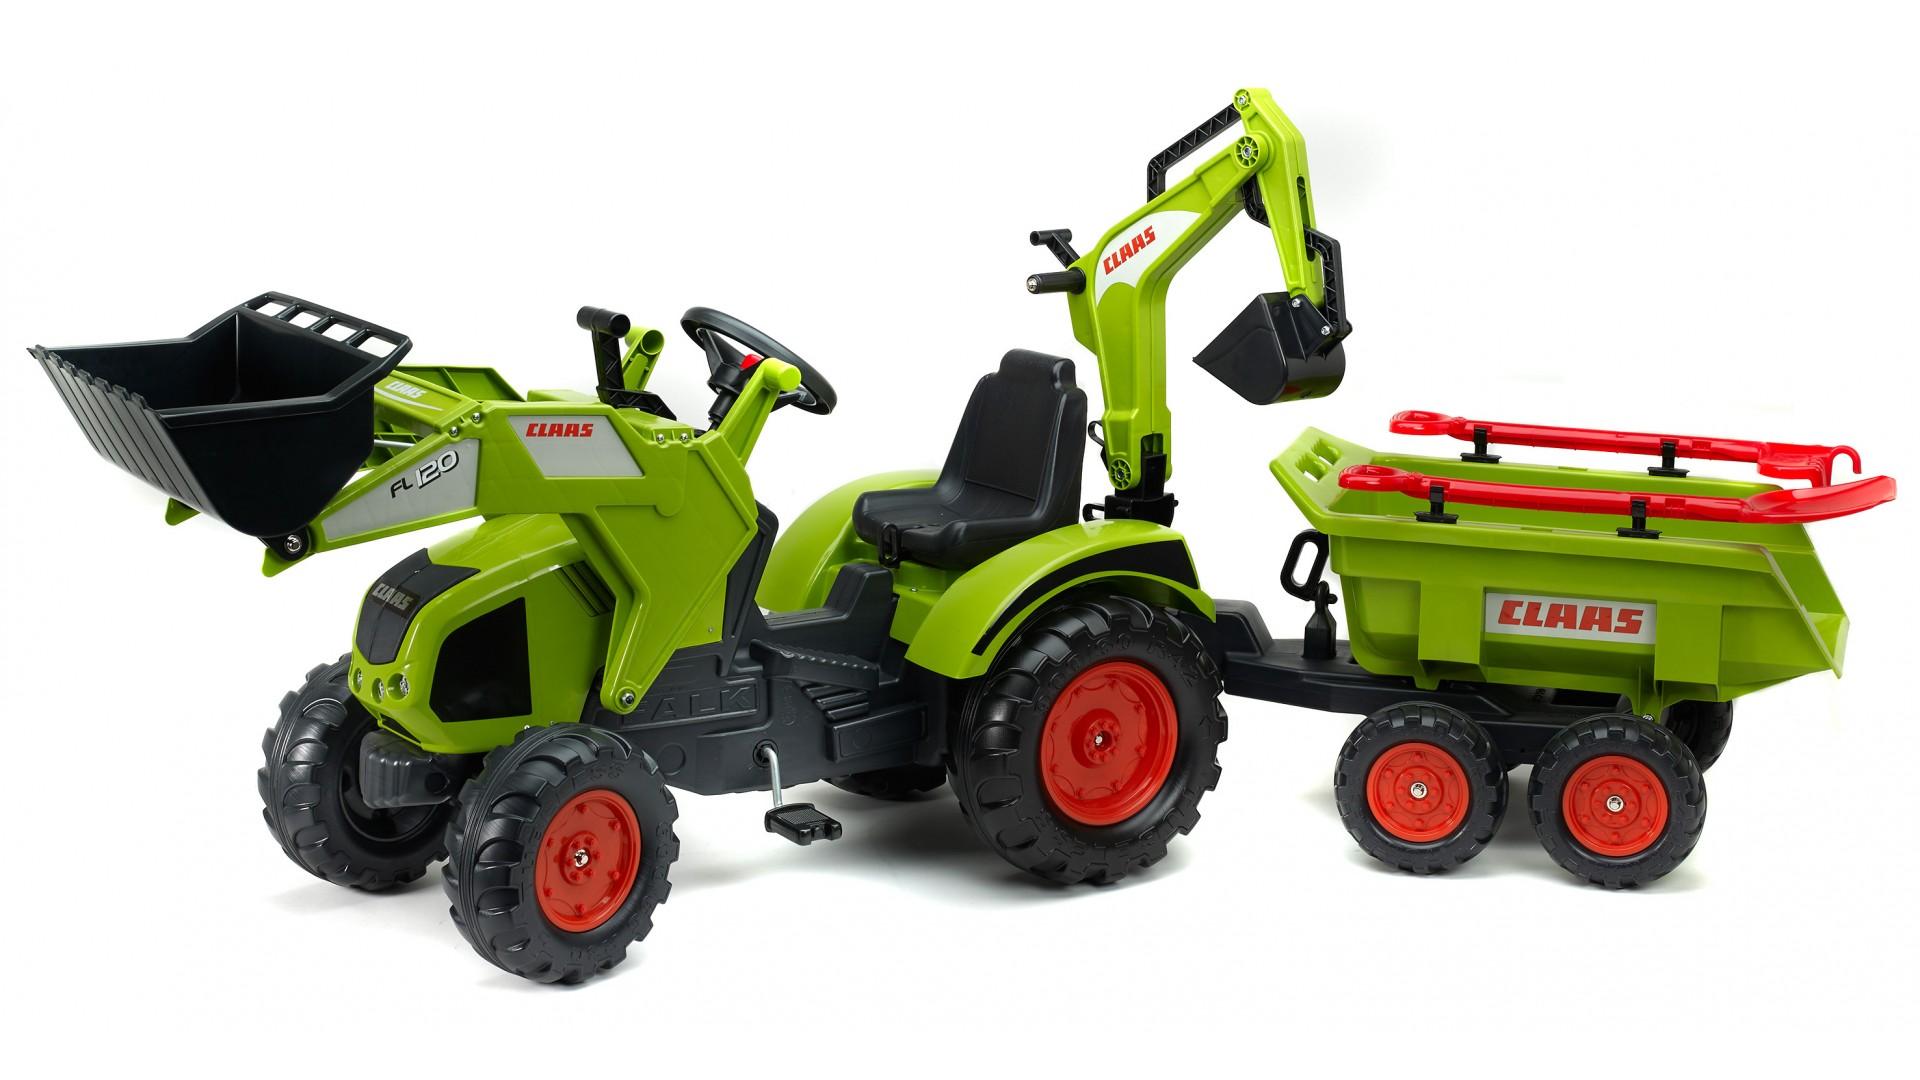 Педальный трактор-экскаватор с прицепом, черно-салатовый, 230 см - Педальные машины и трактора, артикул: 169031